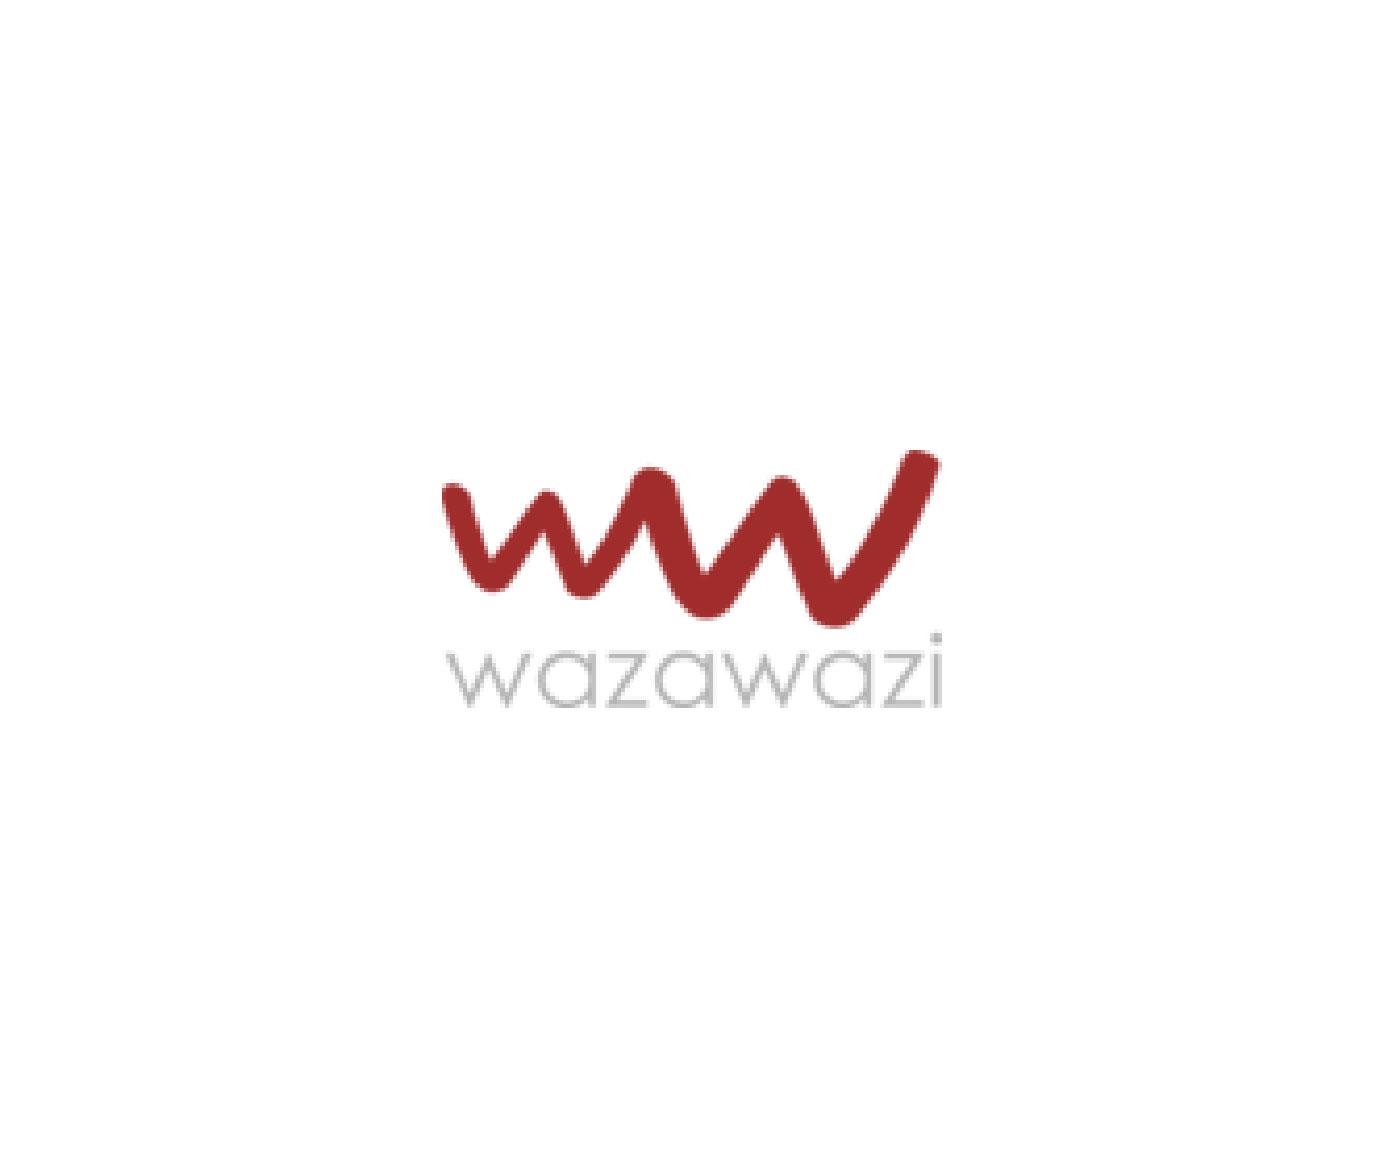 tactive consulting - waza wazi logo resize 1